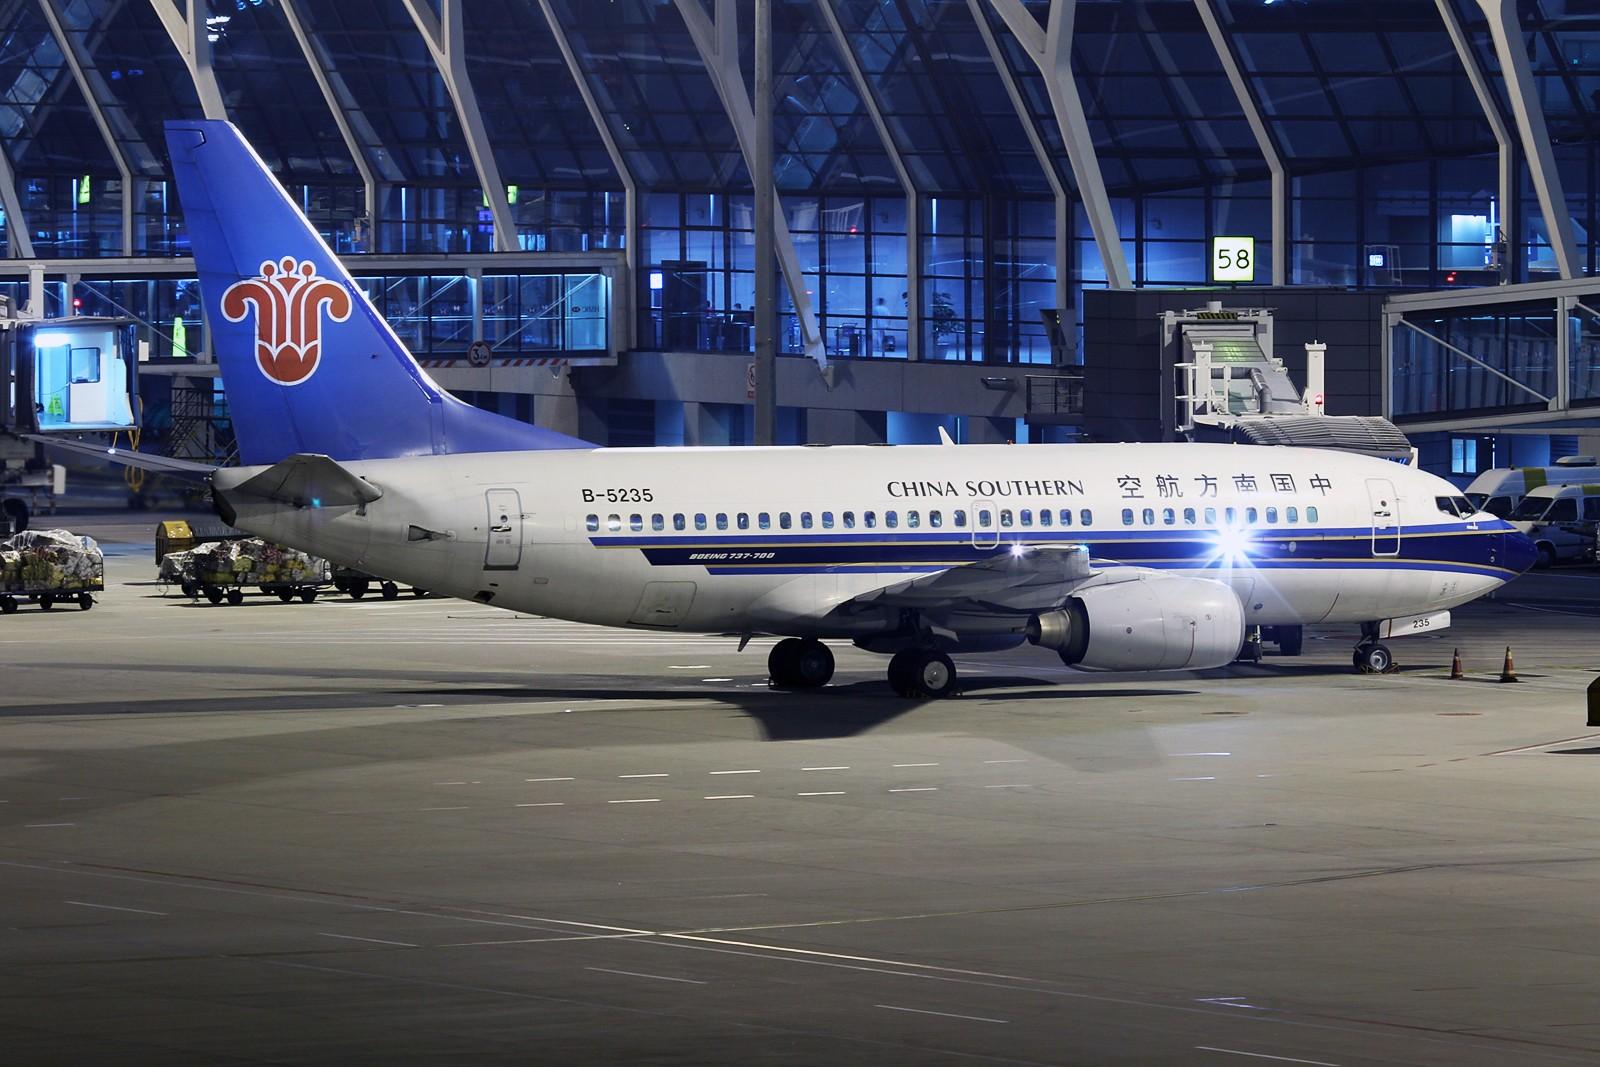 浦东机场 官网_上海浦东国际机场南方航空值机在几号航站楼?-